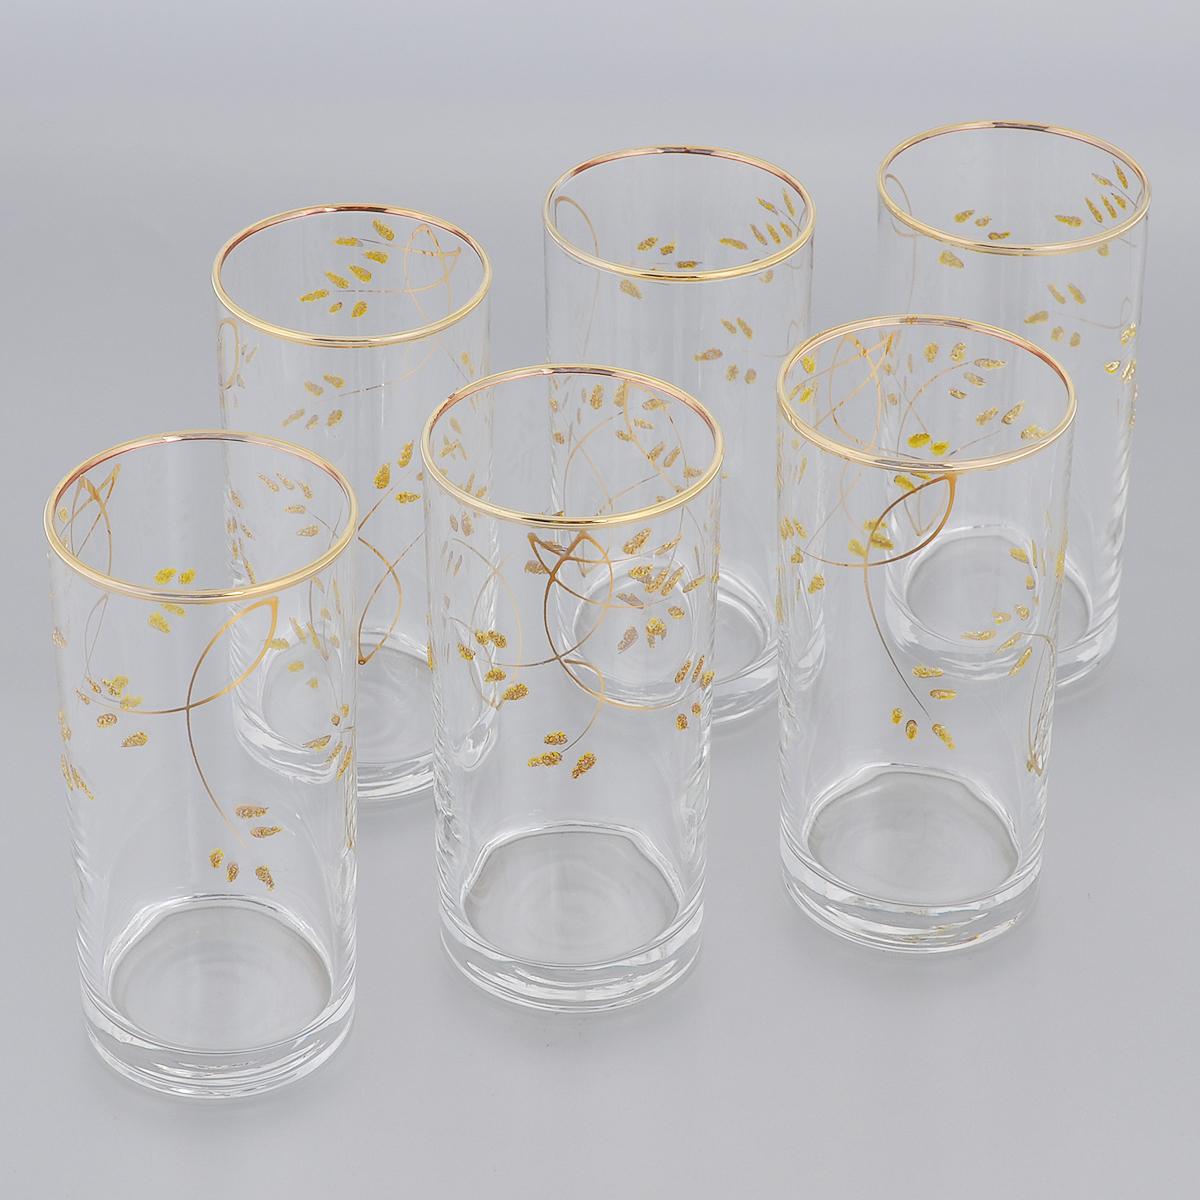 Набор стаканов для коктейлей Гусь-Хрустальный Колосок, 290 мл, 6 штK28-402Набор Гусь-Хрустальный Колосок состоит из 6 стаканов для коктейлей, изготовленных из высококачественного натрий-кальций-силикатного стекла. Изделия оформлены красивым зеркальным покрытием и золотистым глянцевым орнаментом. Такой набор прекрасно дополнит праздничный стол и станет желанным подарком в любом доме. Разрешается мыть в посудомоечной машине. Диаметр стакана (по верхнему краю): 6 см. Высота стакана: 12,5 см.